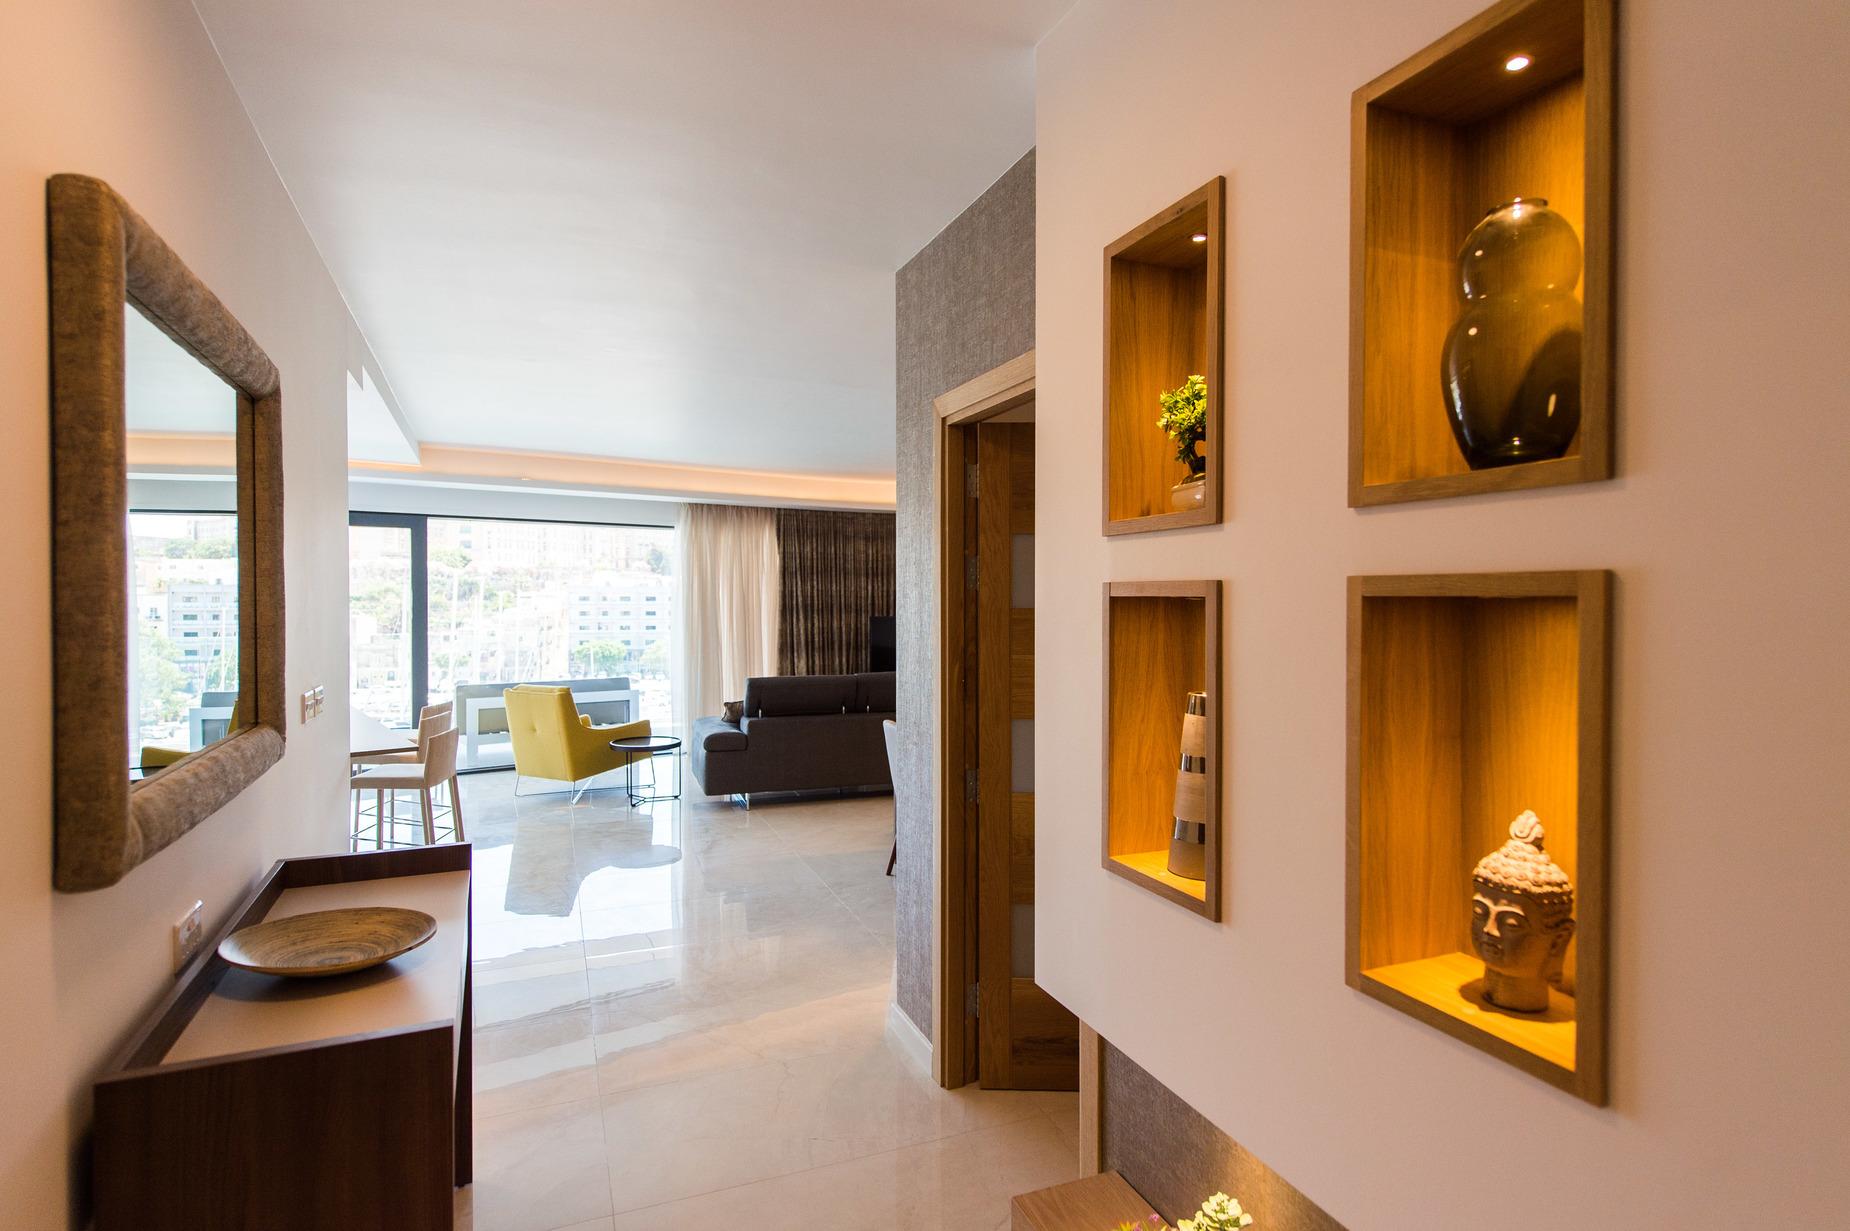 3 bed Apartment For Rent in Ta' Xbiex, Ta' Xbiex - thumb 7